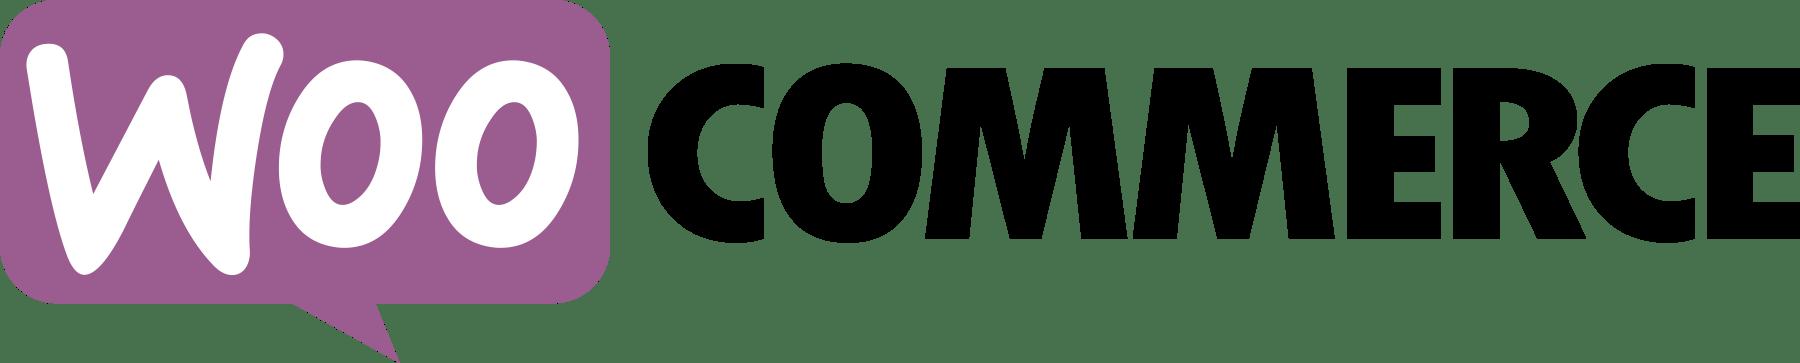 woocommerce web design